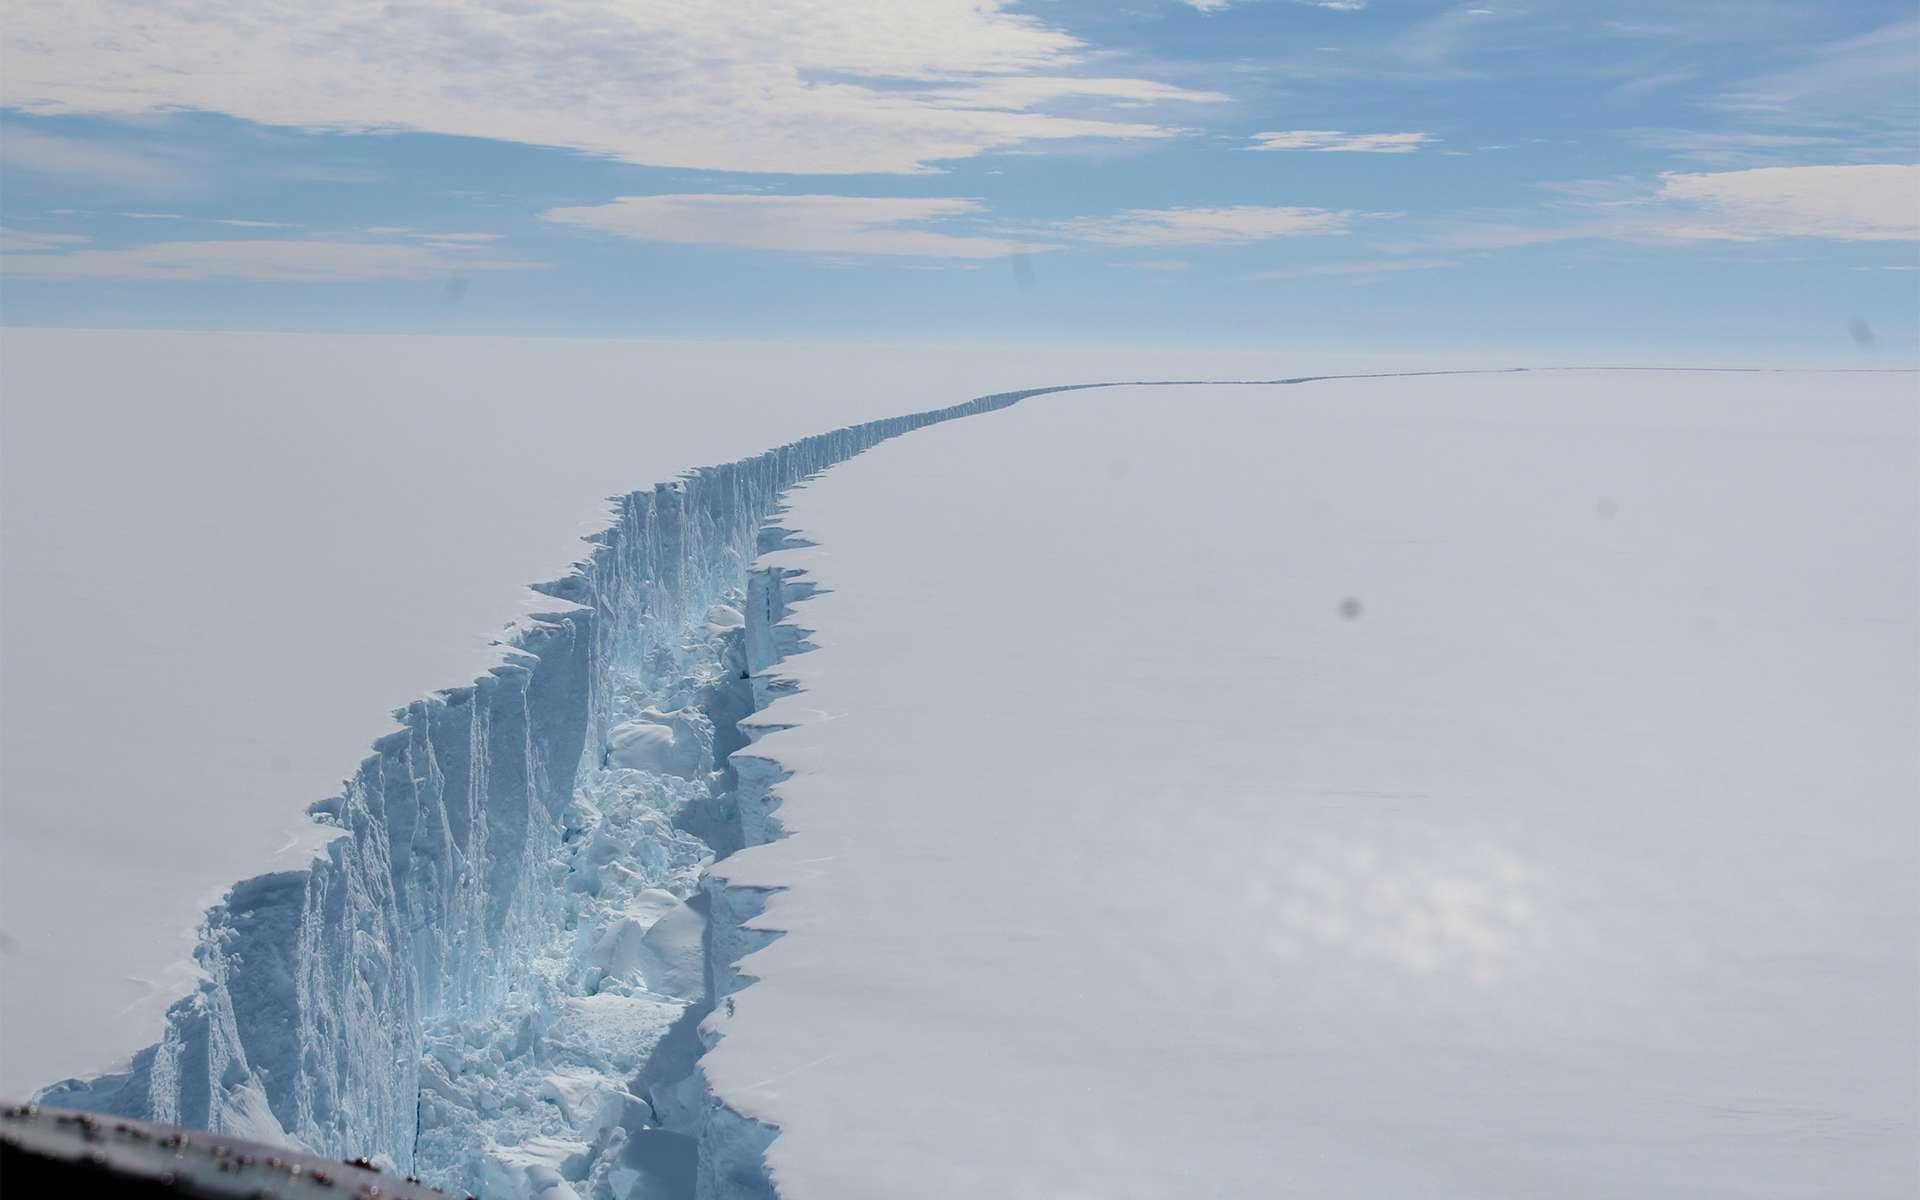 Le détachement de l'iceberg Larsen C, en Antarctique, en août 2017. © BAS